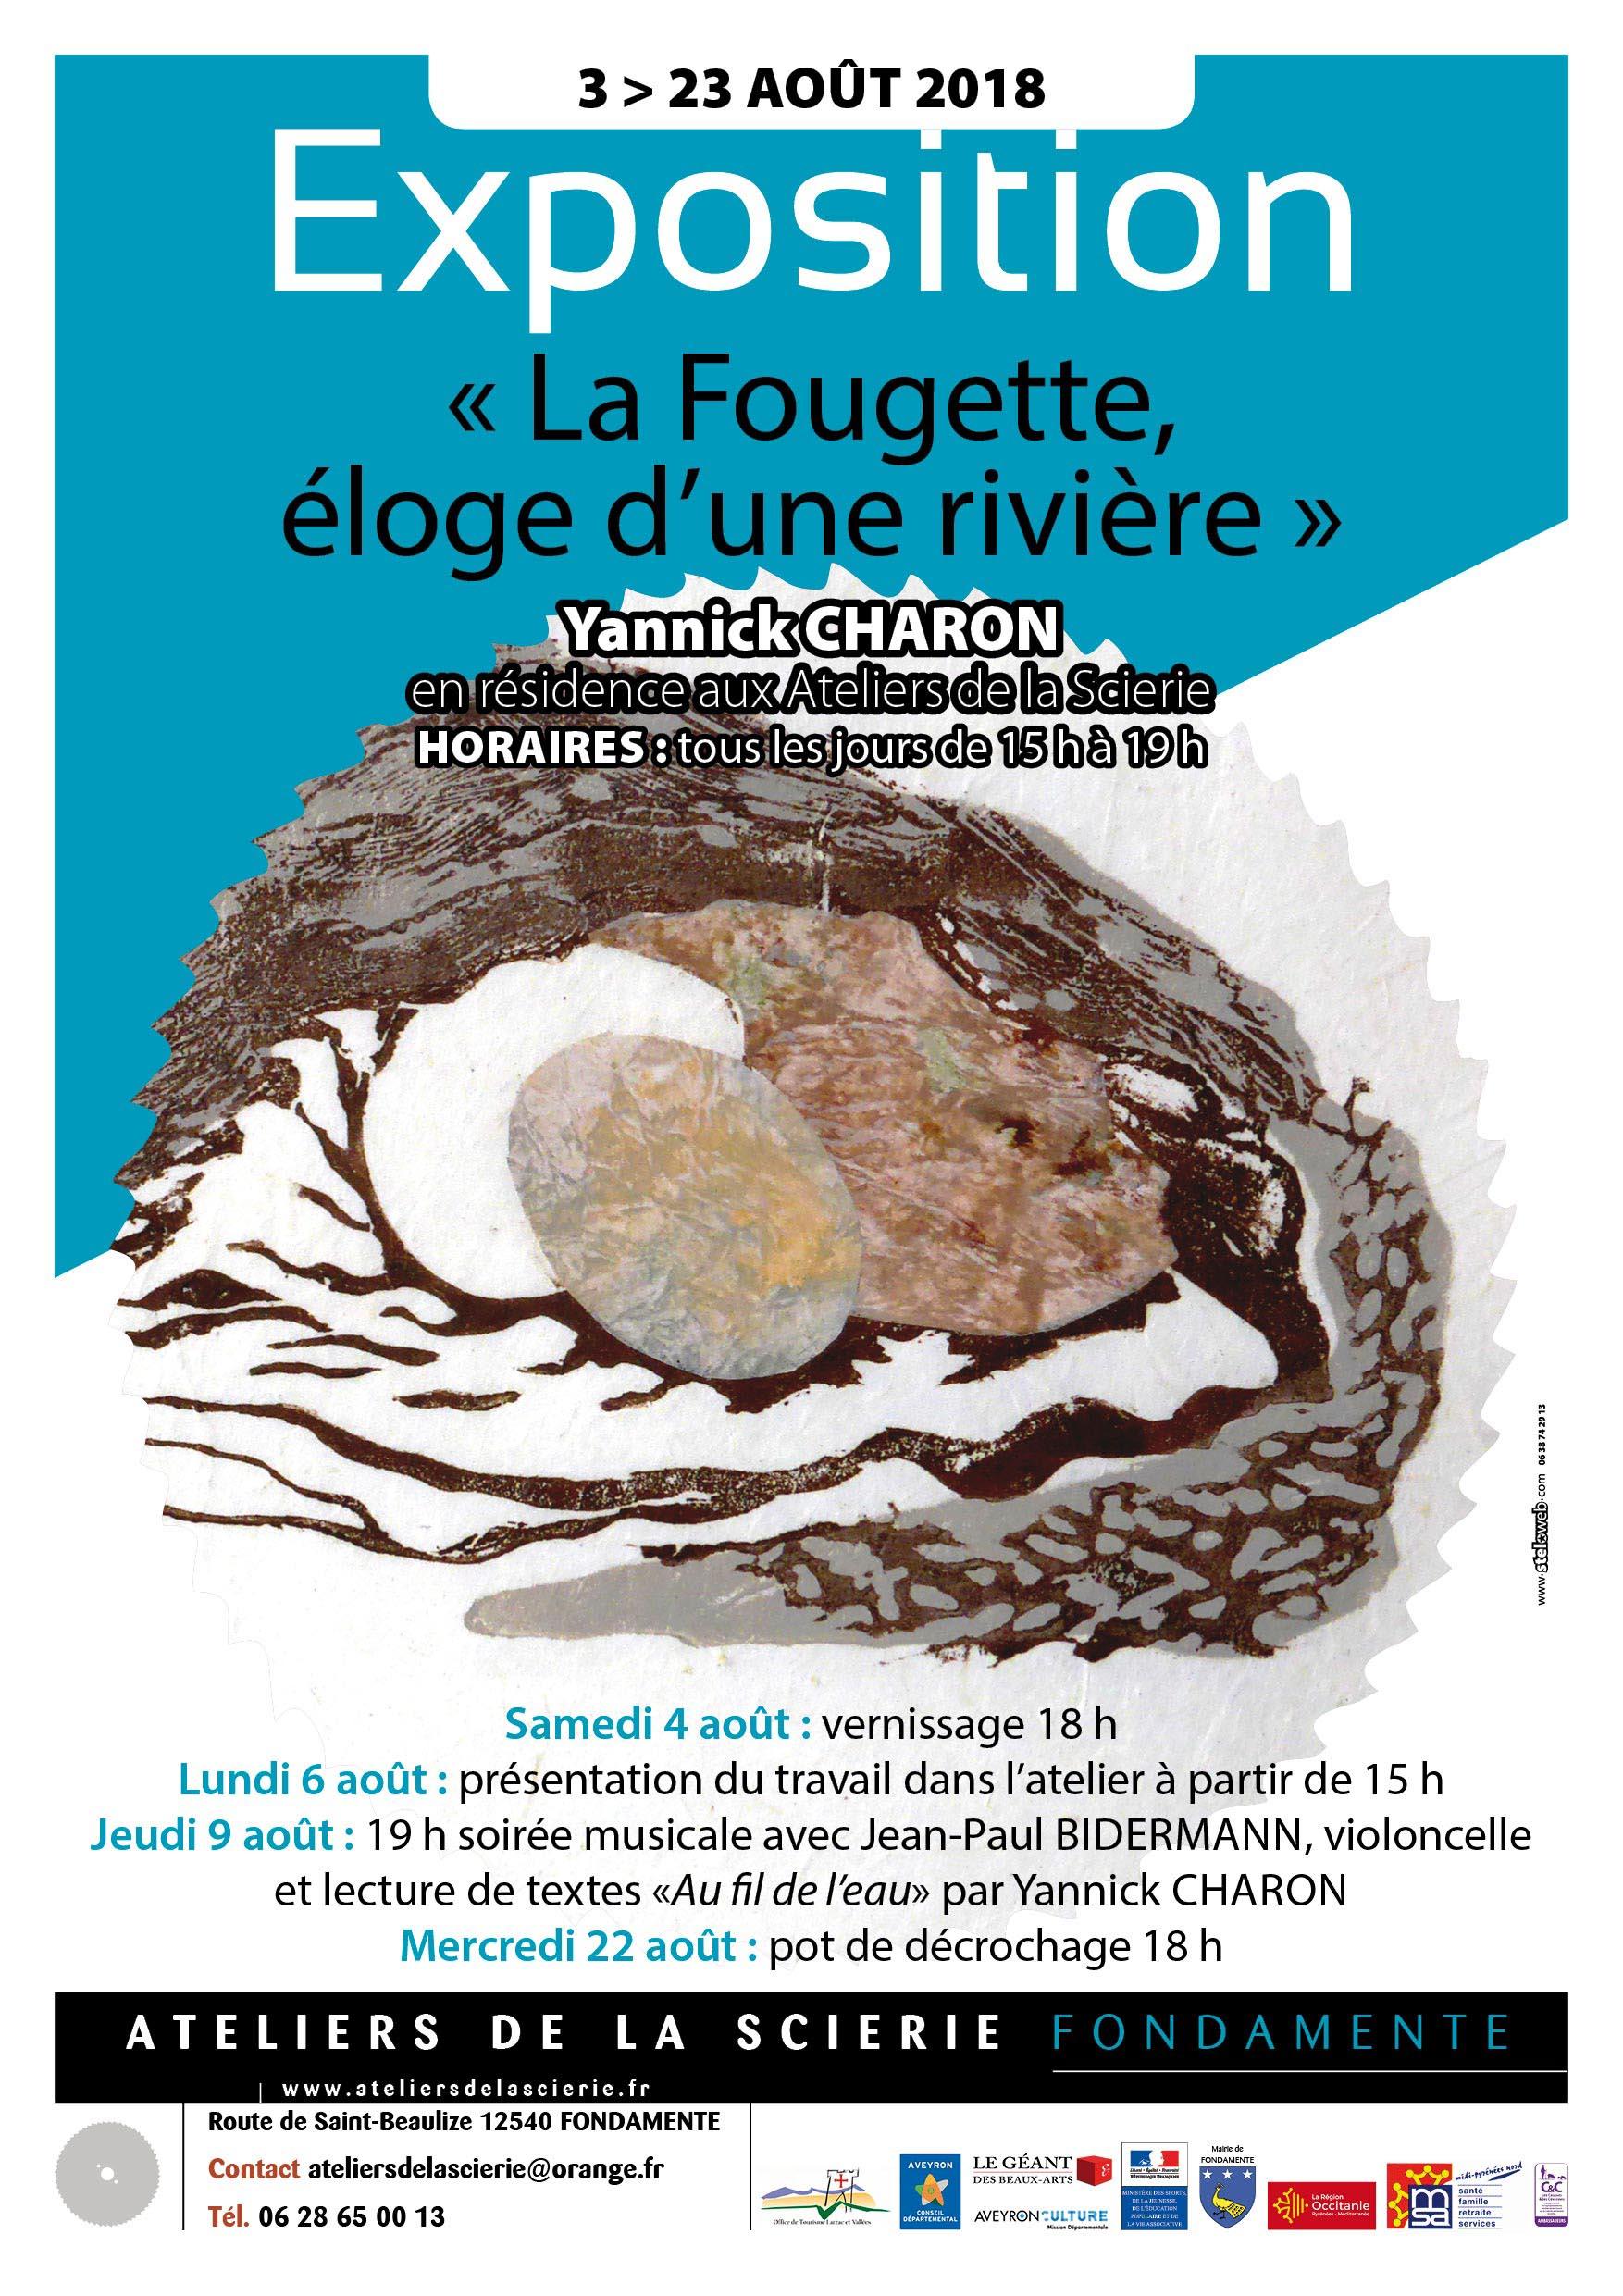 La Fougette, éloge d'une rivière - Fondamente (12540)